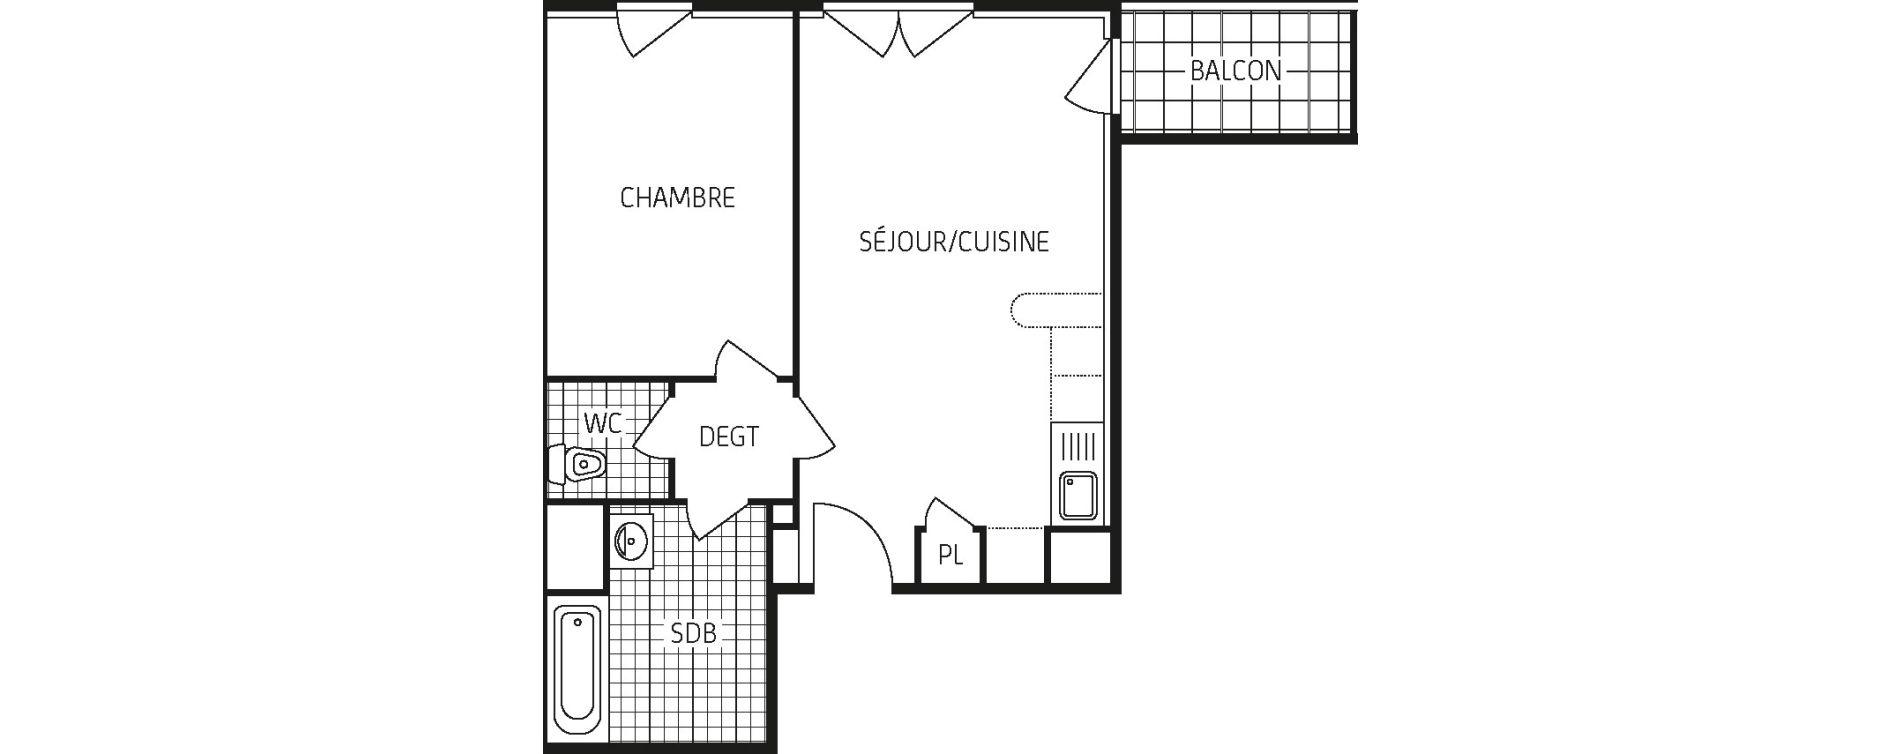 Appartement T2 de 44,85 m2 à Lingolsheim Les tanneries